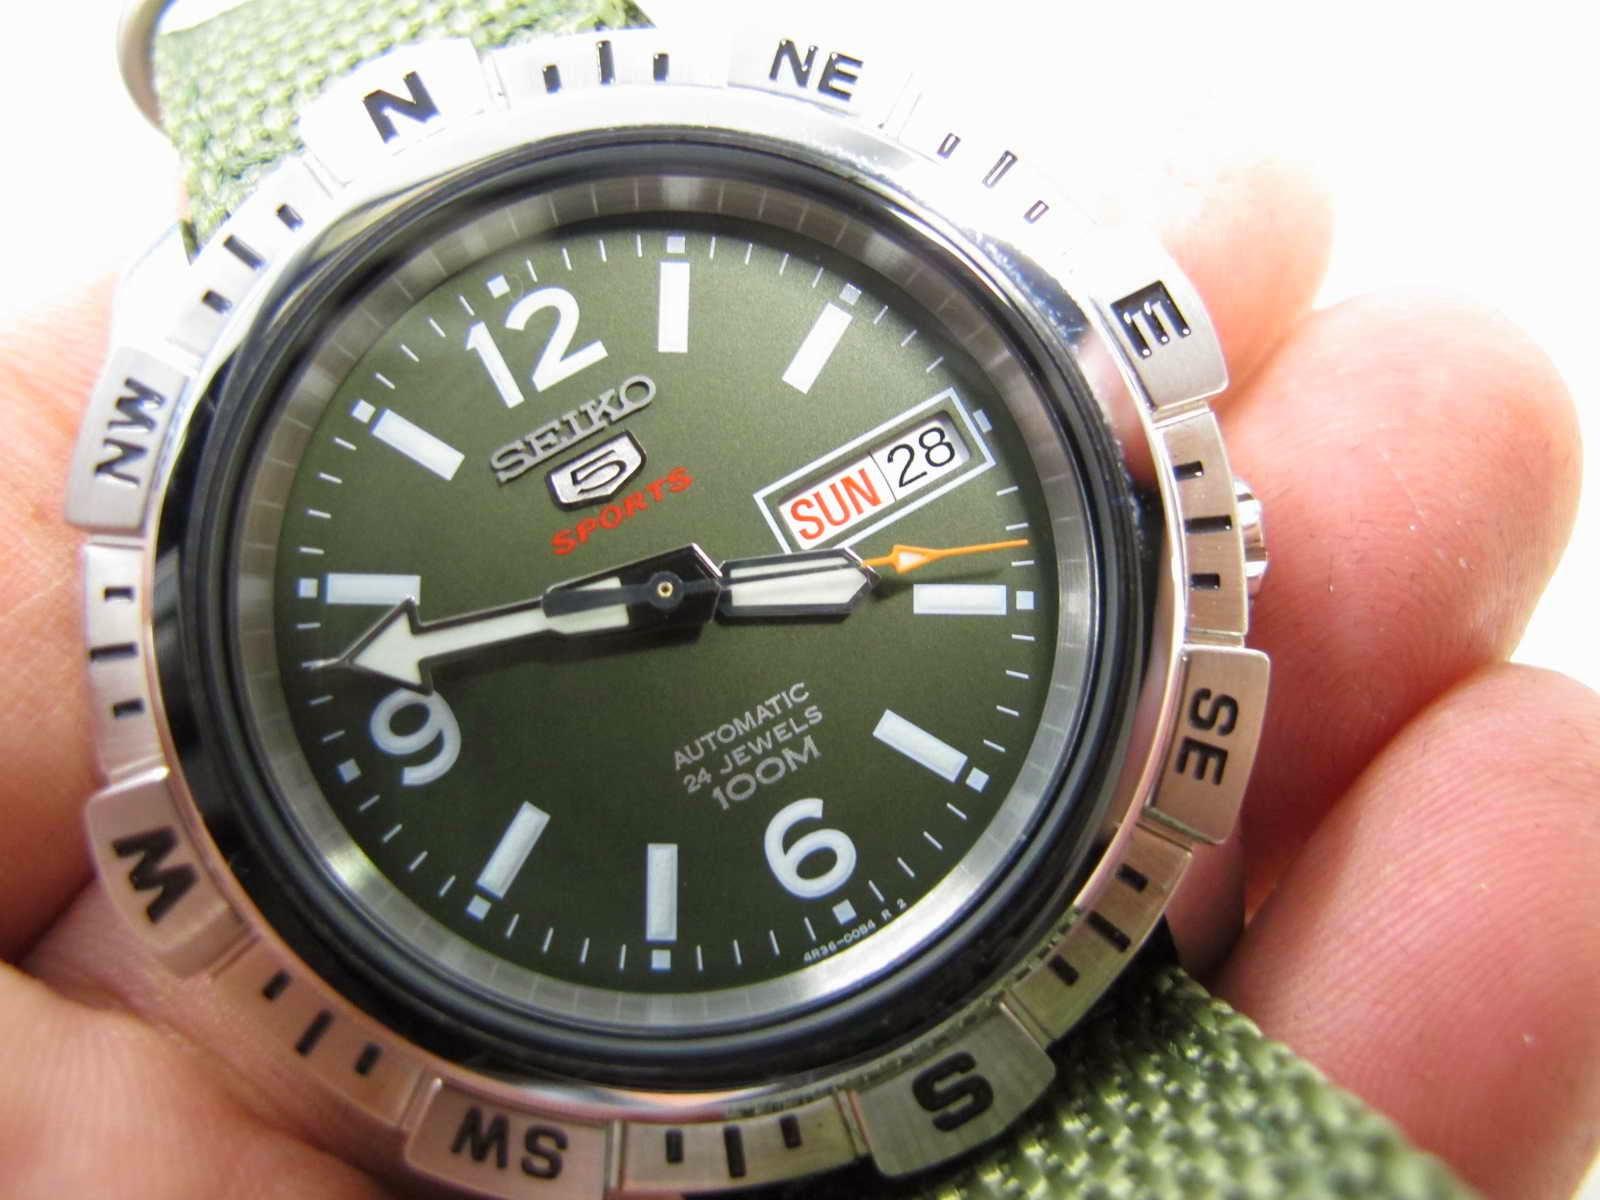 Panjang lug atas ke bawah 48 mm Tebal case 13 mm dan lebar lug 20 mm Kondisi Brand New Watch lengkap dengan box manual dan warranty card